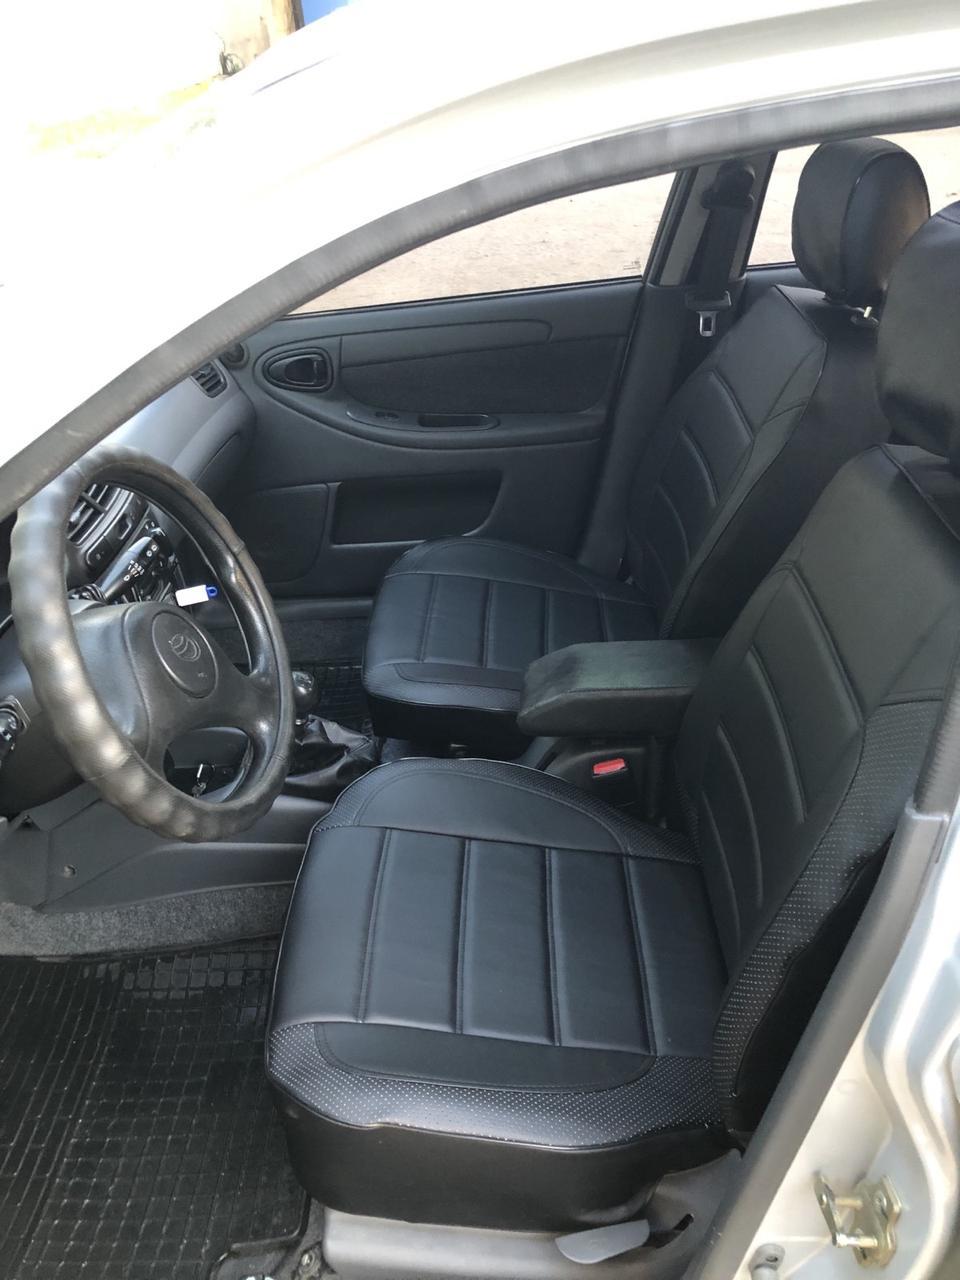 Чохли на сидіння Сузукі Гранд Вітара 3 (Suzuki Grand Vitara 3) модельні MAX-L з екошкіри Чорний